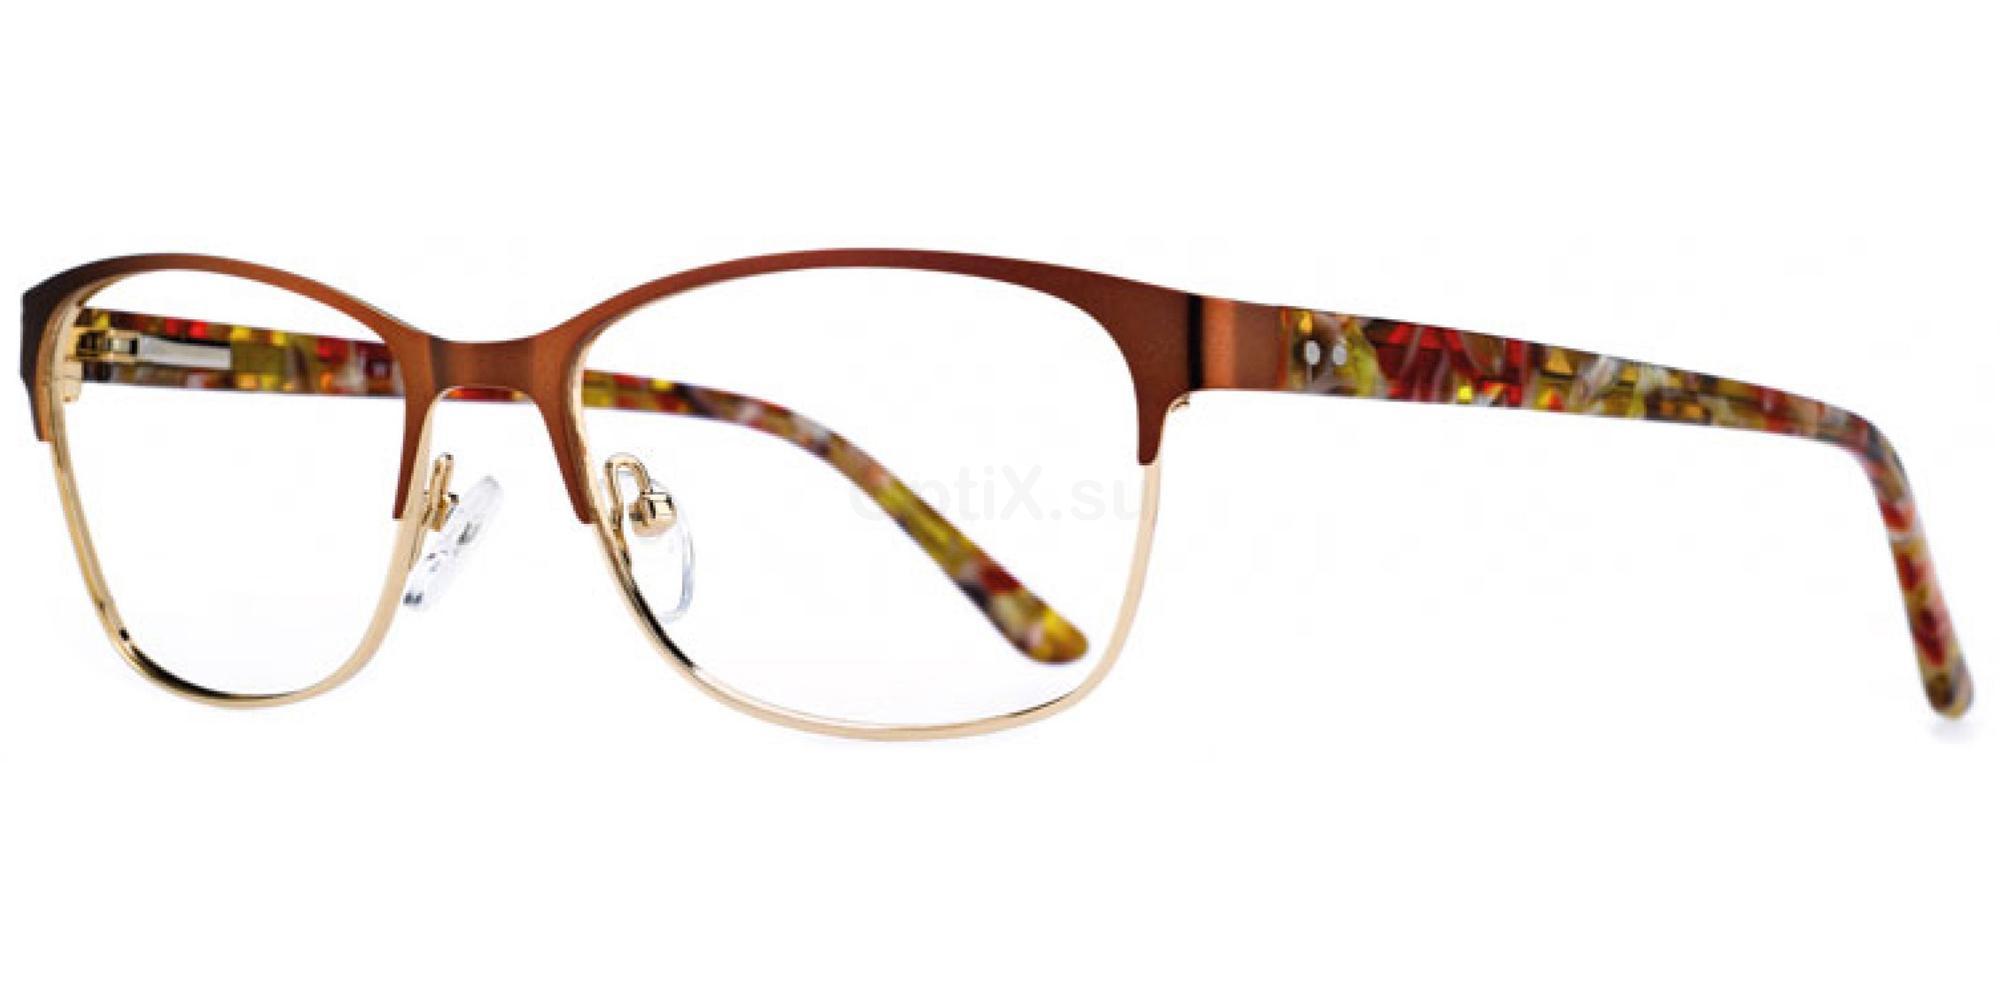 C1 i Wear 6040 Glasses, i Wear